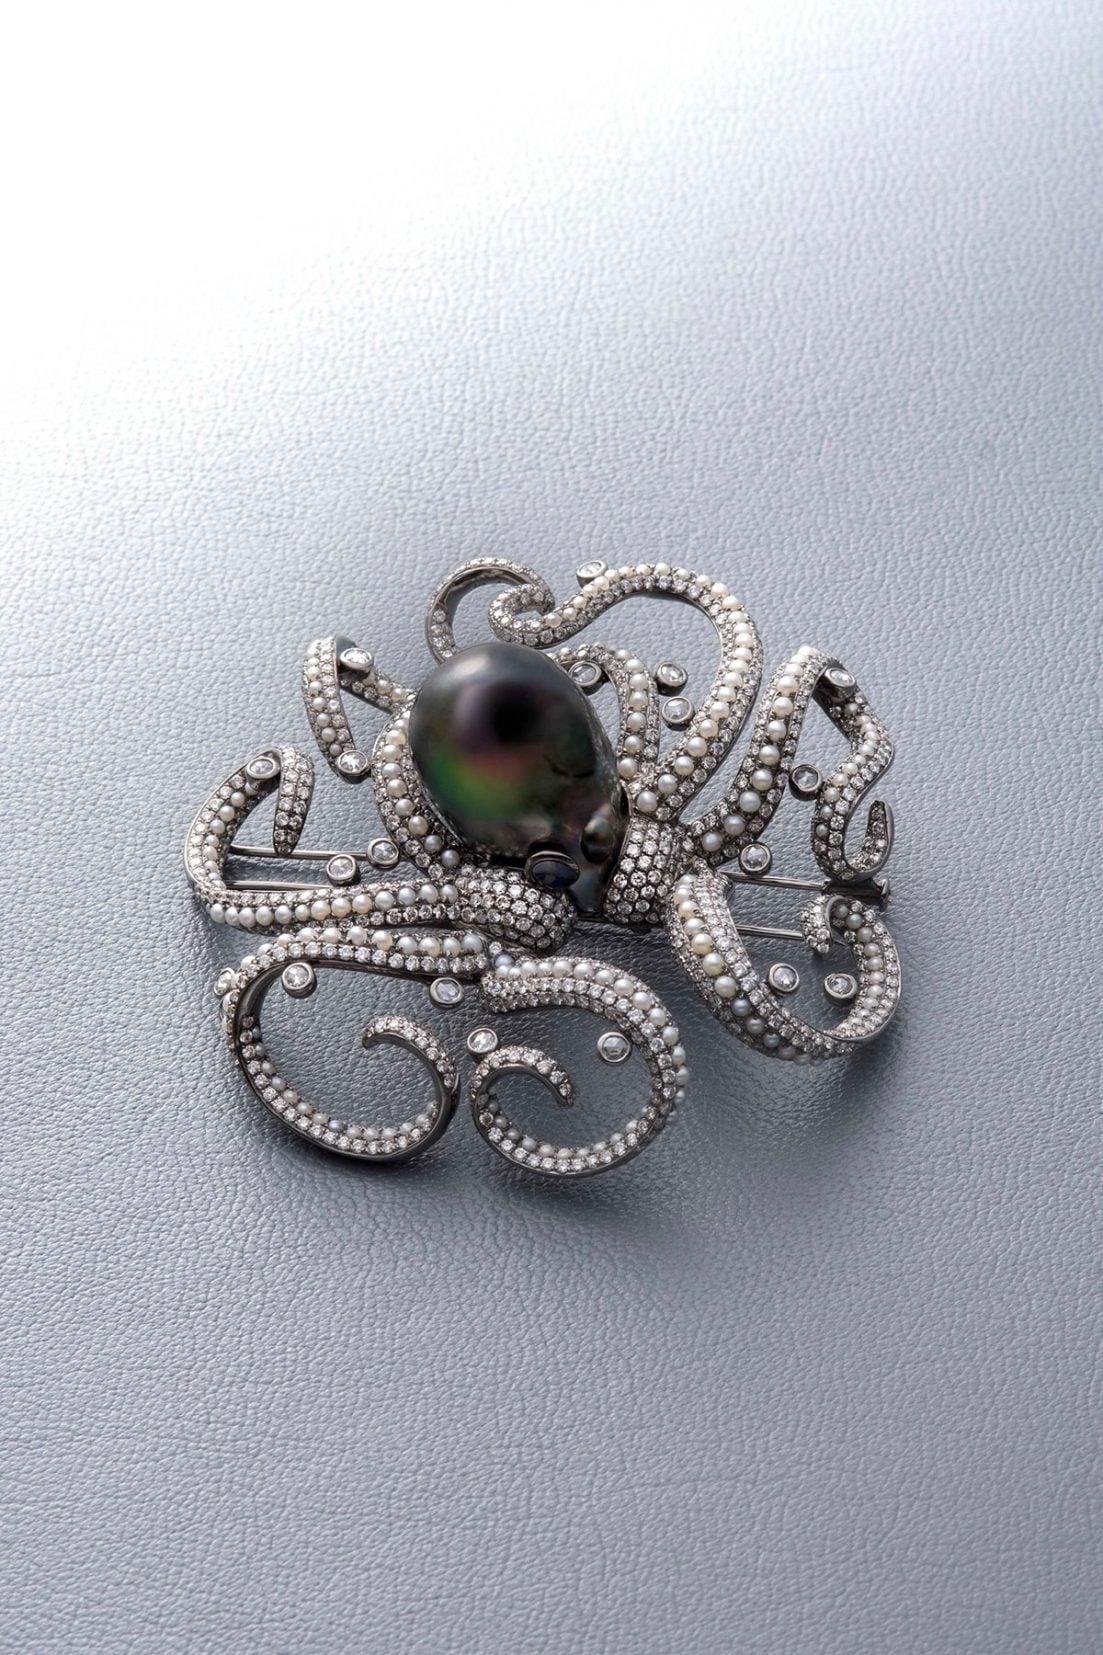 ブローチ:K18ホワイトゴールド・黒蝶真珠・淡水真珠・ダイヤモンド・サファイア、5,800,000円(税別)